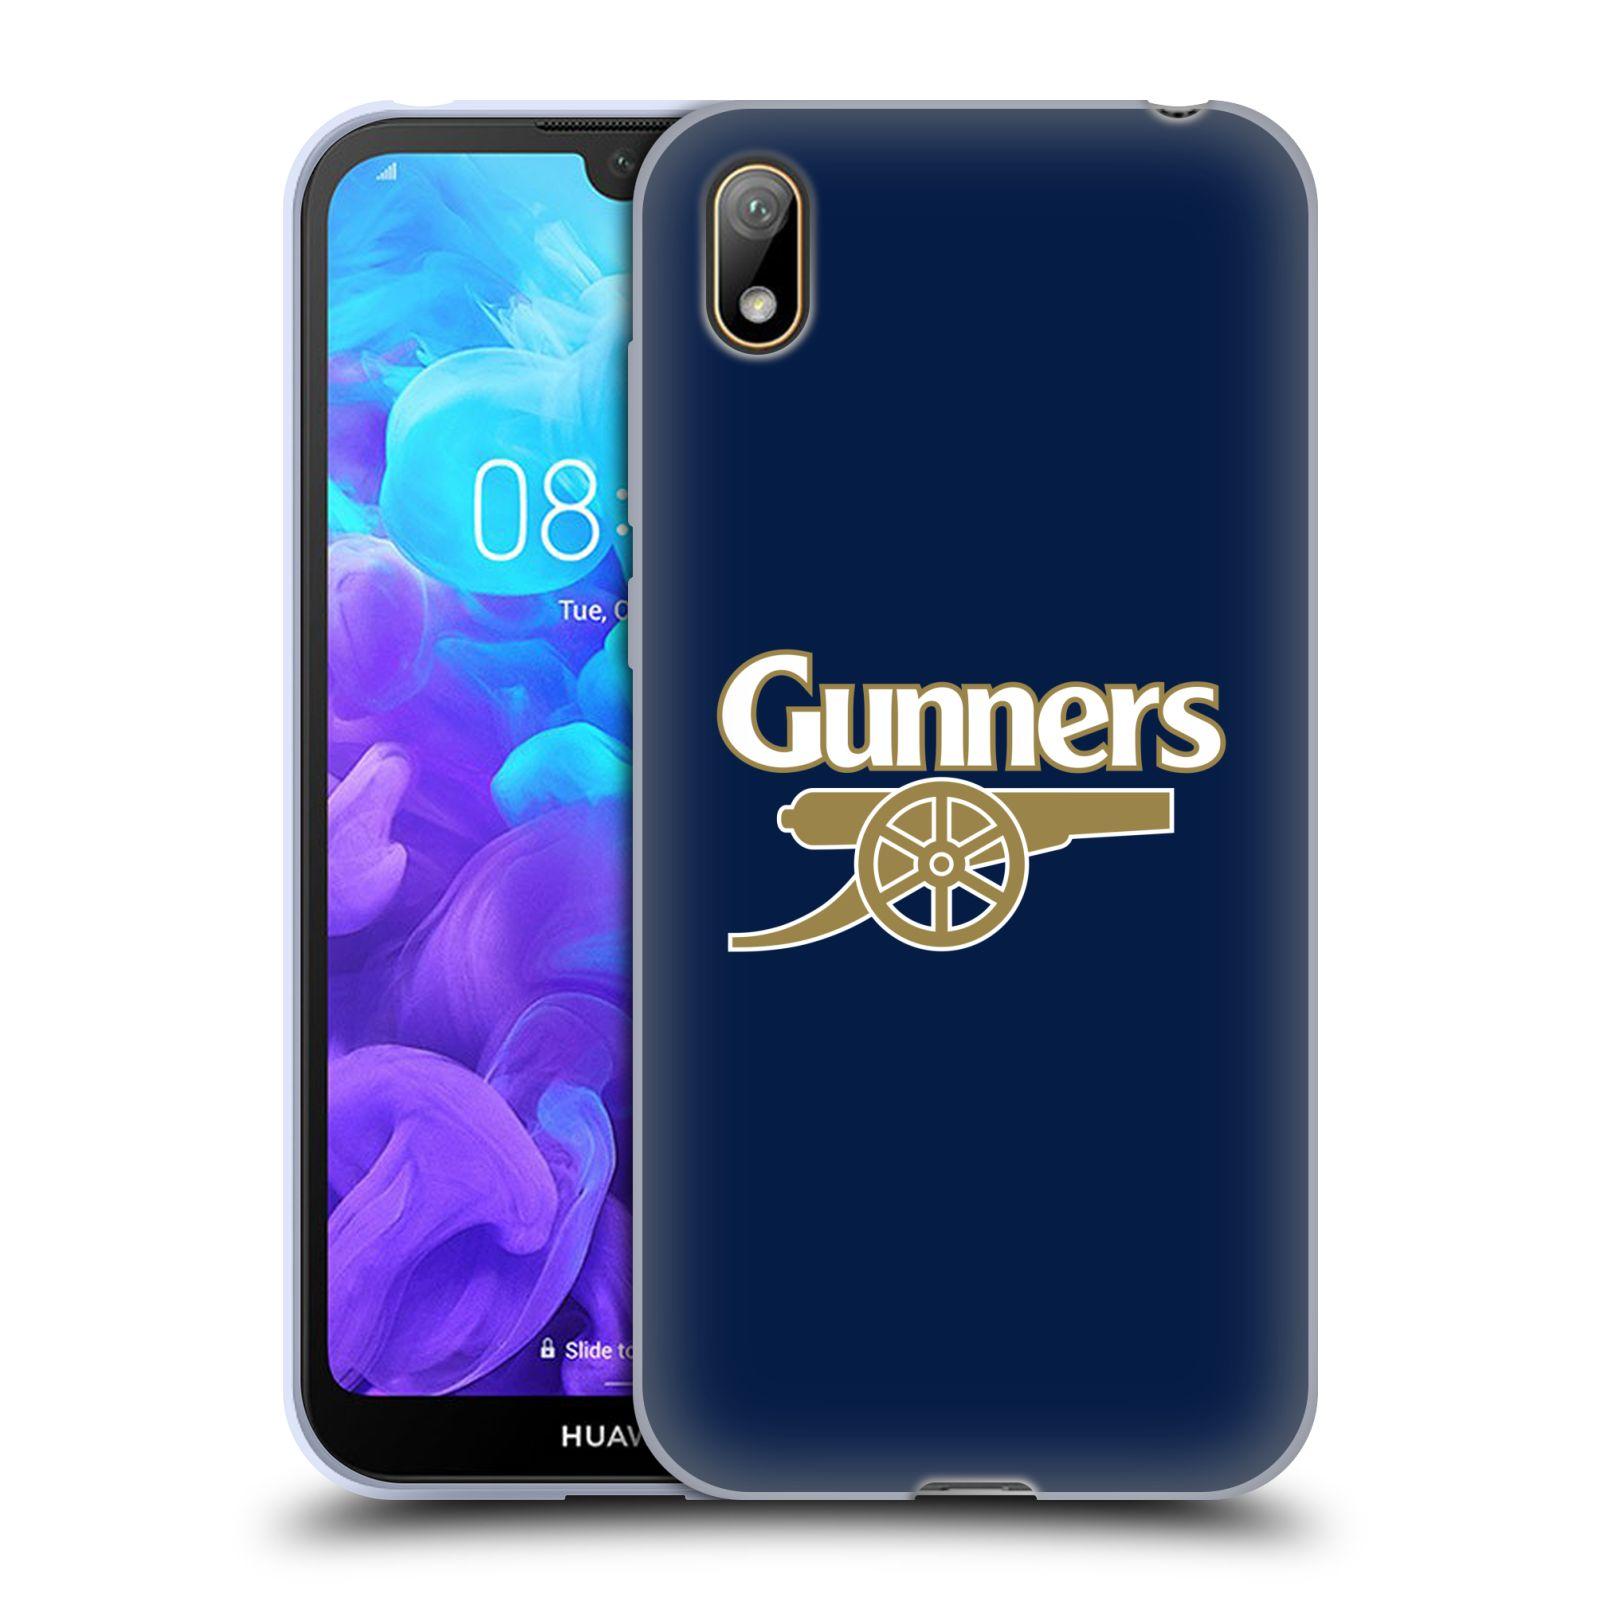 Silikonové pouzdro na mobil Huawei Y5 (2019) - Head Case - Arsenal FC - Gunners